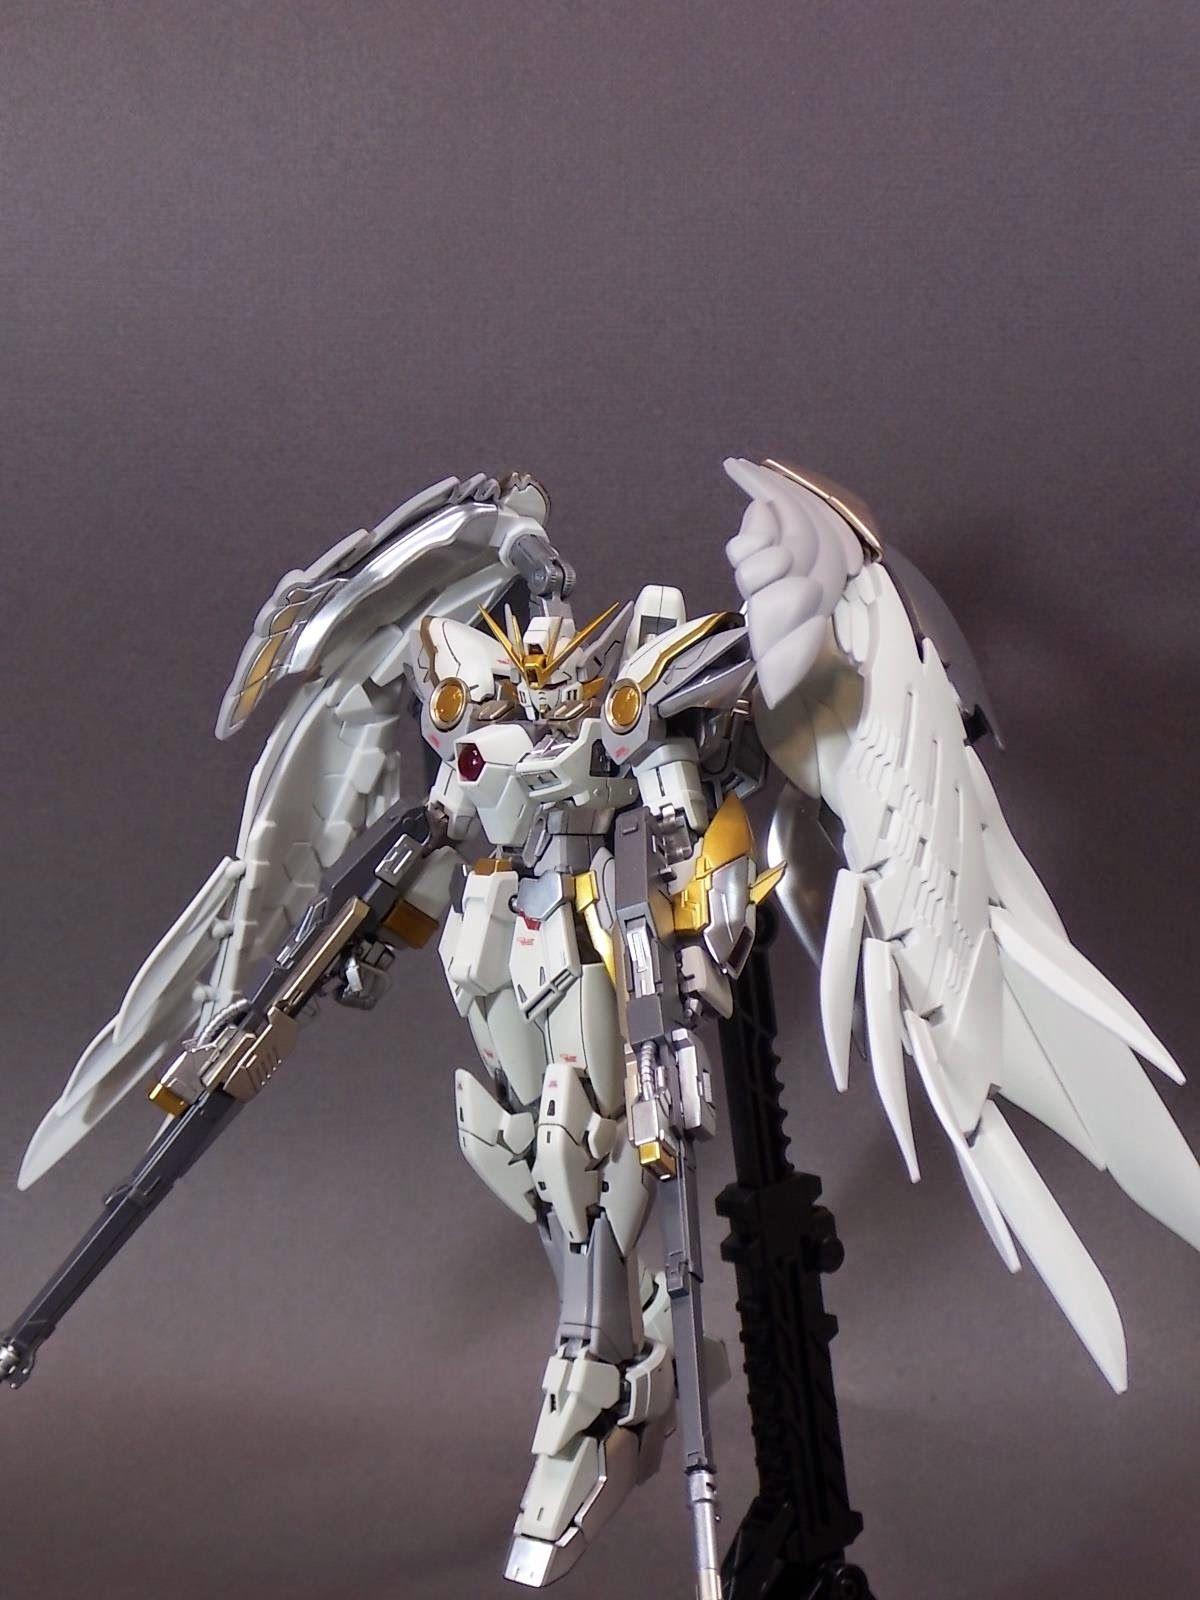 RG 1/144 Wing Gundam Zero - Customized Build | Gundam